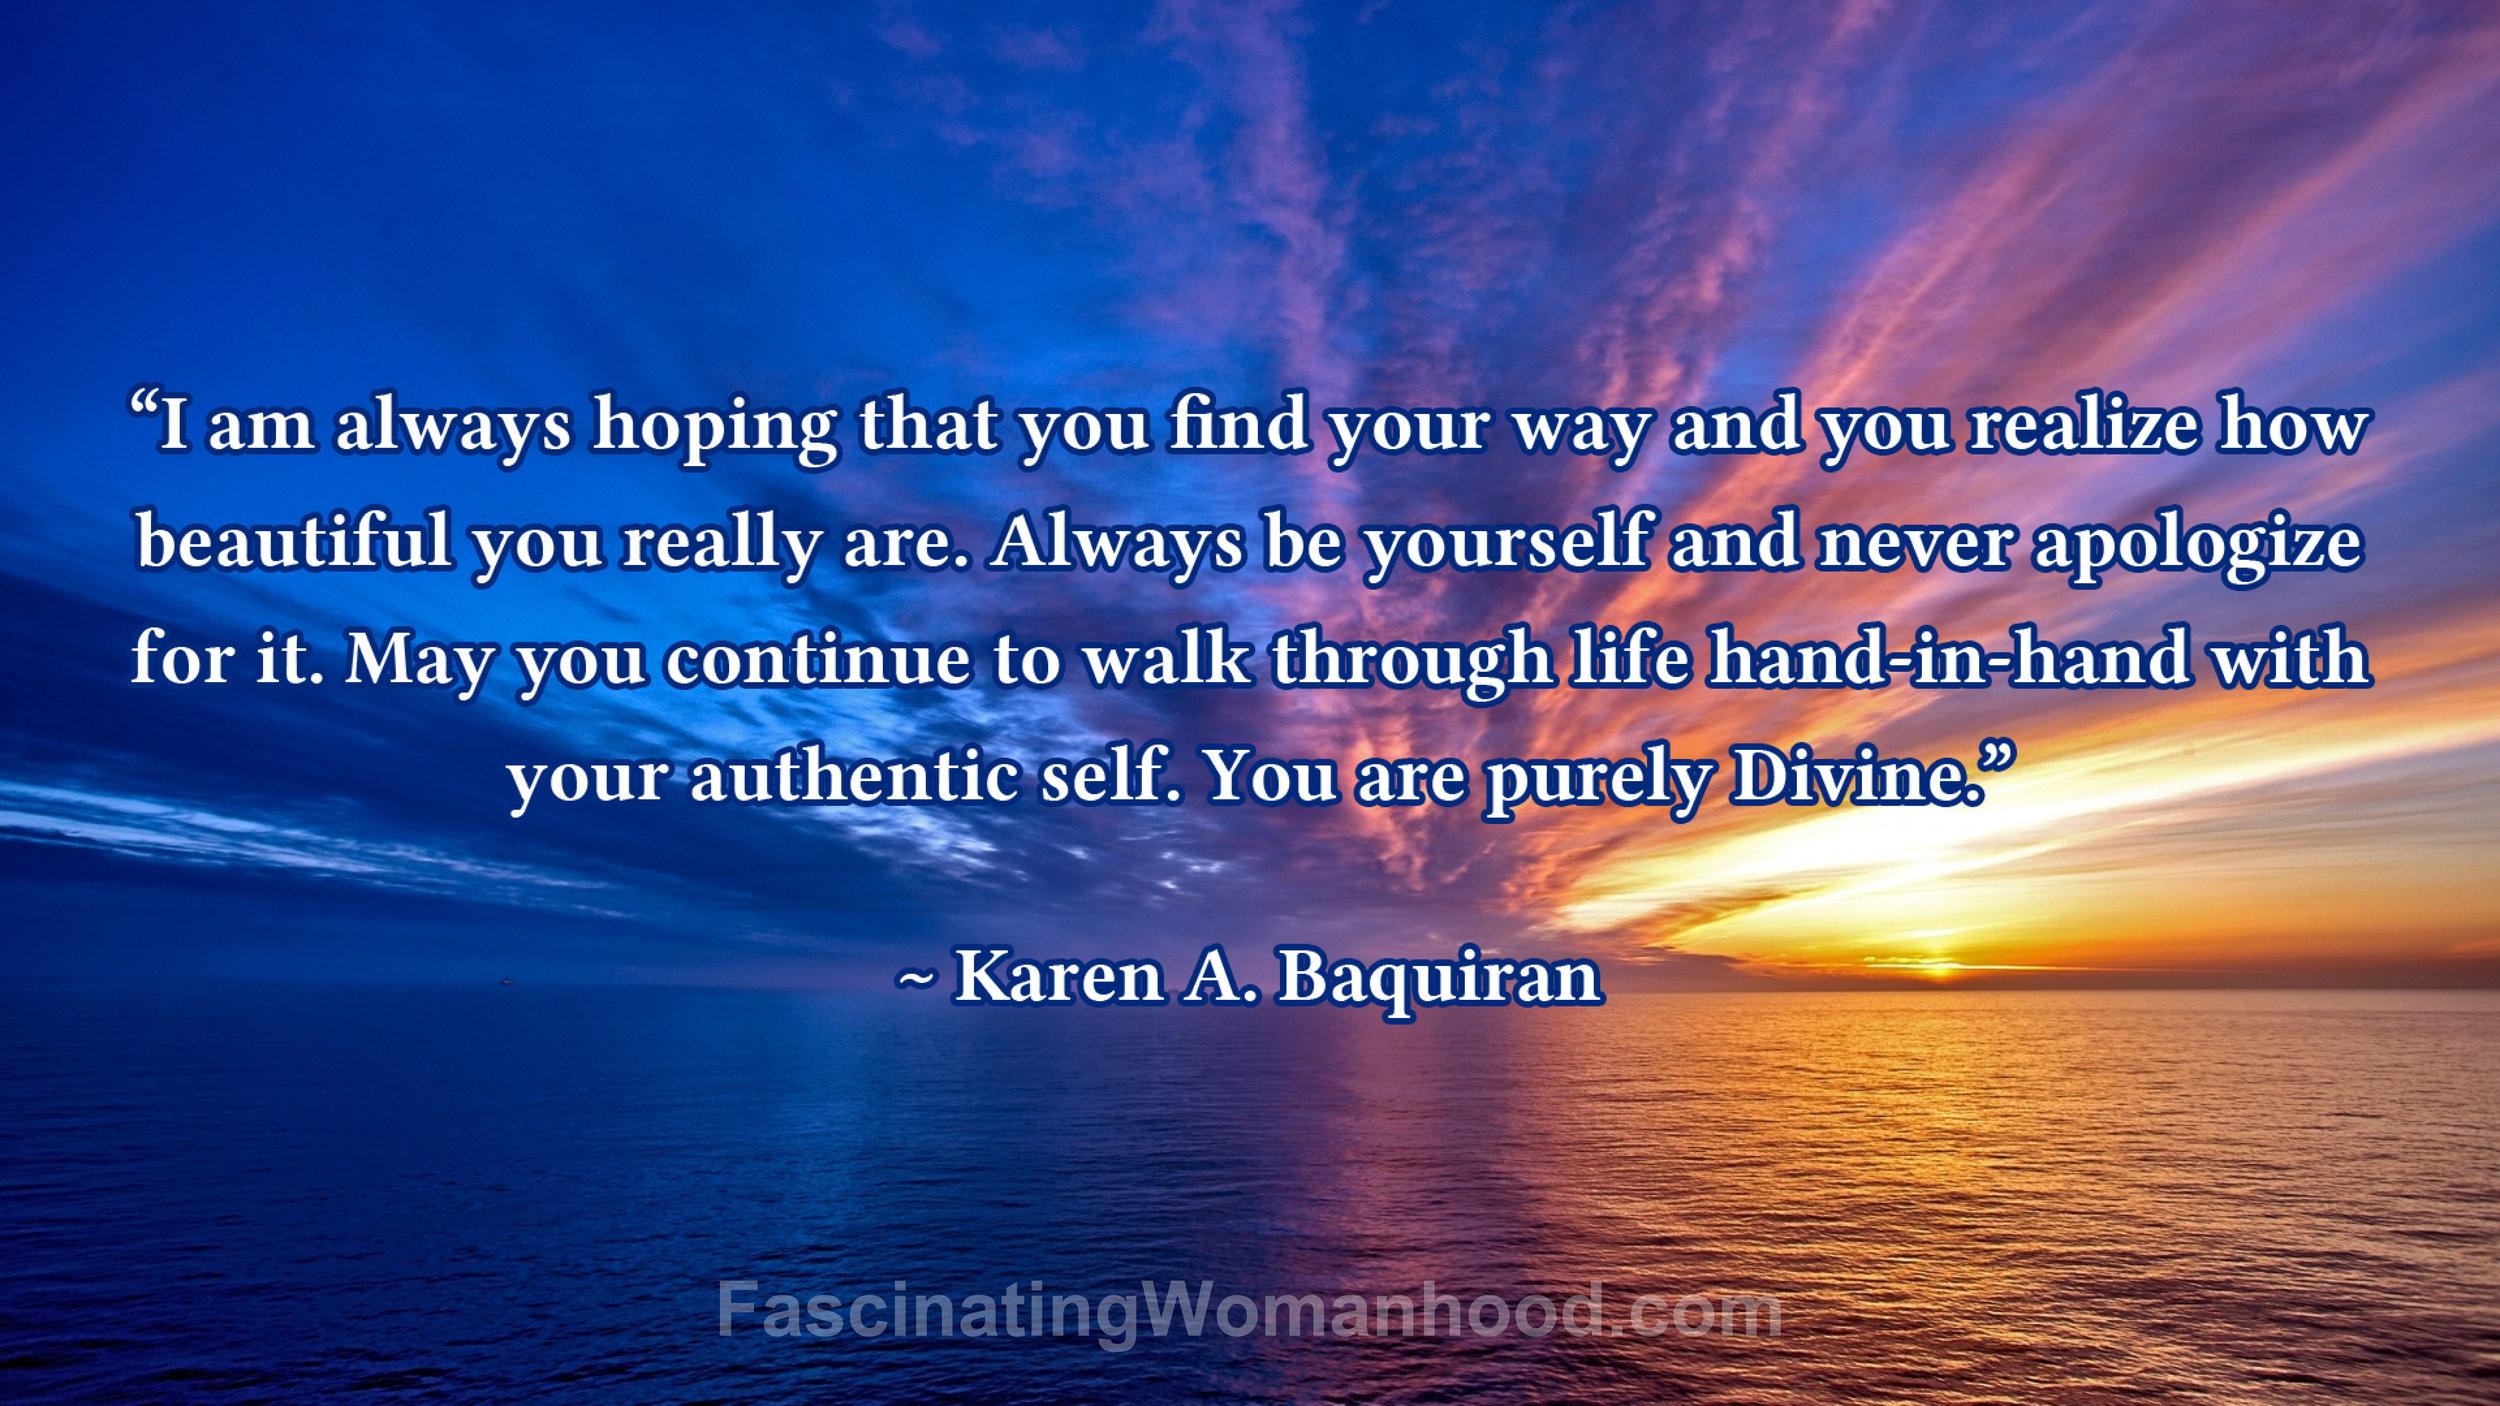 A Quote by Karen A Baquiran.jpg